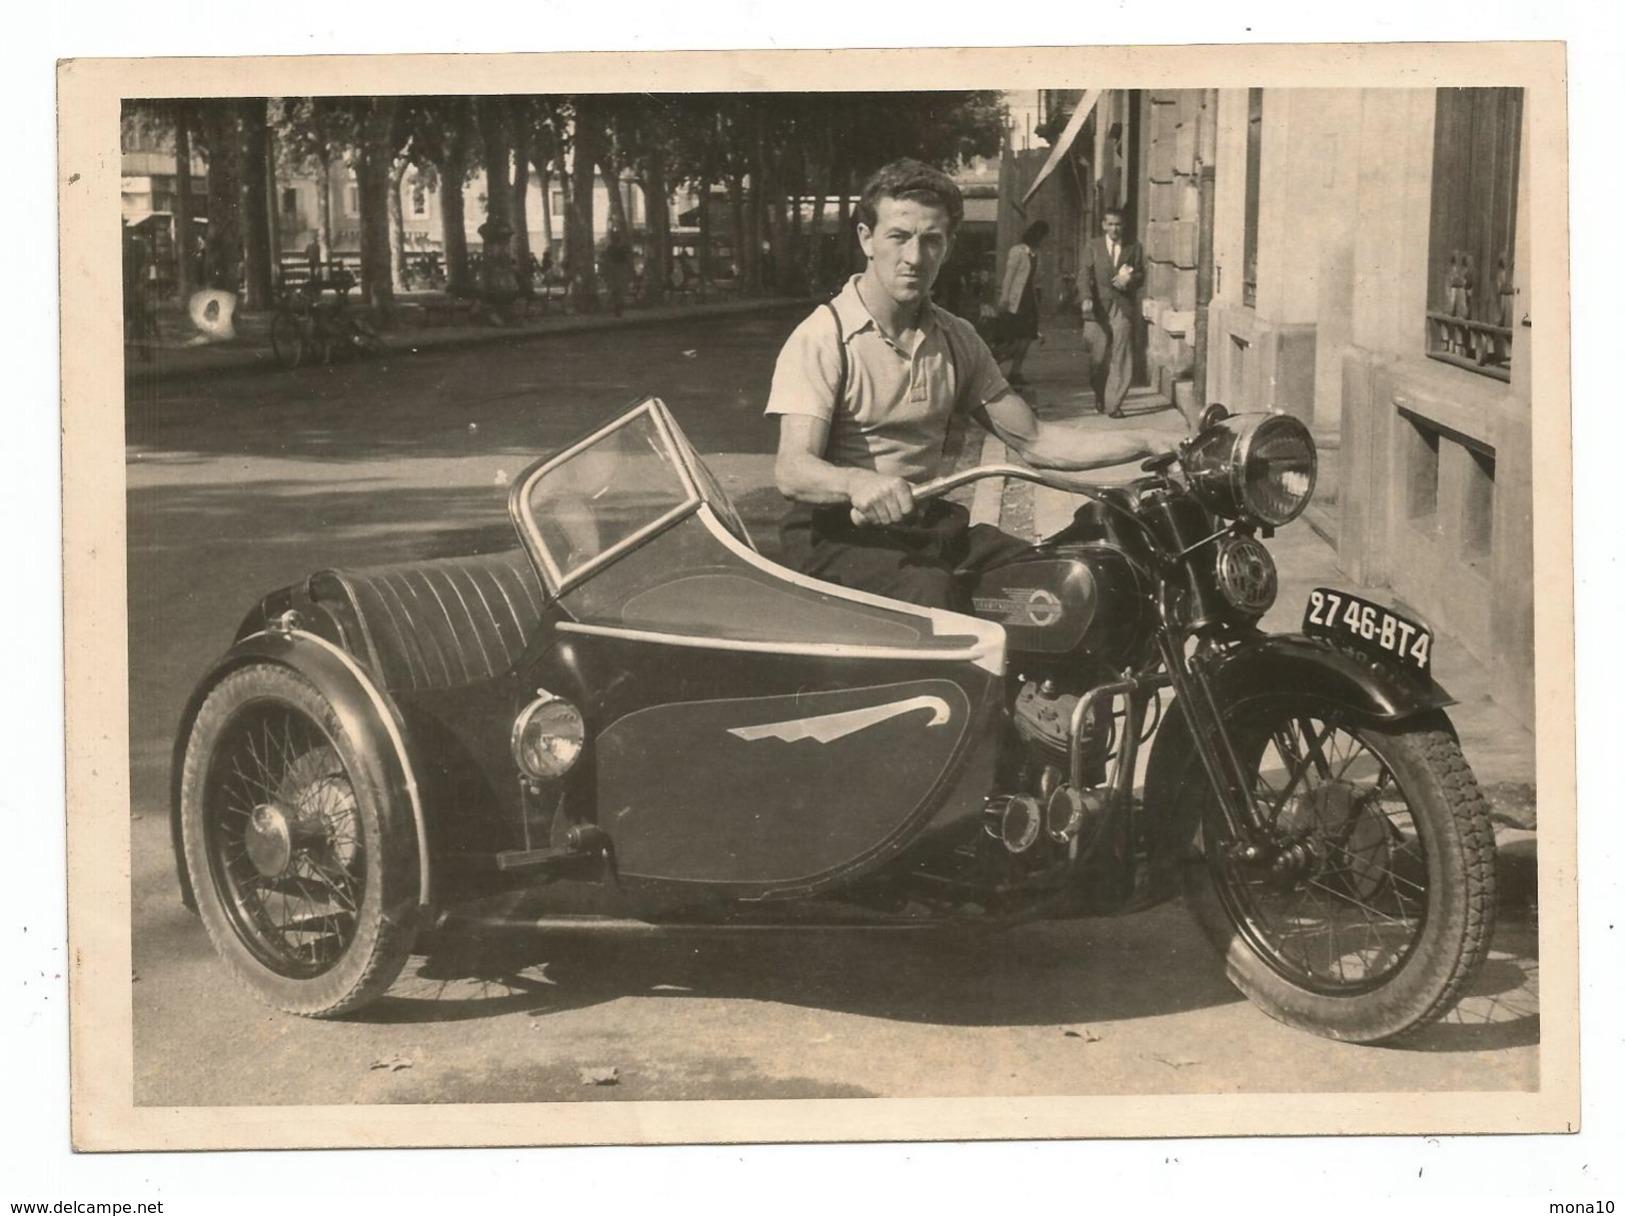 voitures de tourisme voiture car photo originale 1948 moto harley davidson bike with. Black Bedroom Furniture Sets. Home Design Ideas